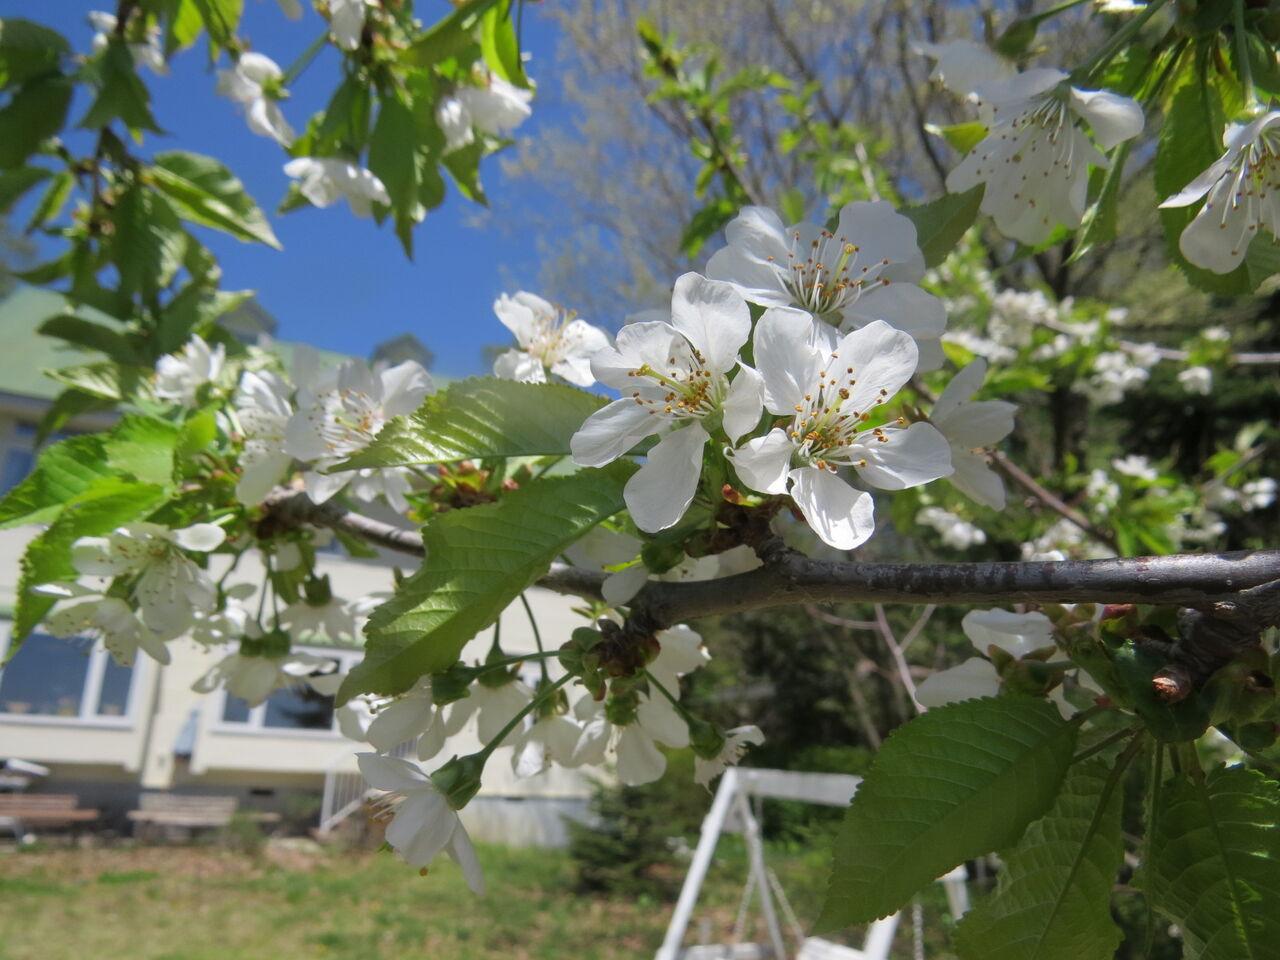 春たけなわ 庭の花 : 八ヶ岳自然アルバム